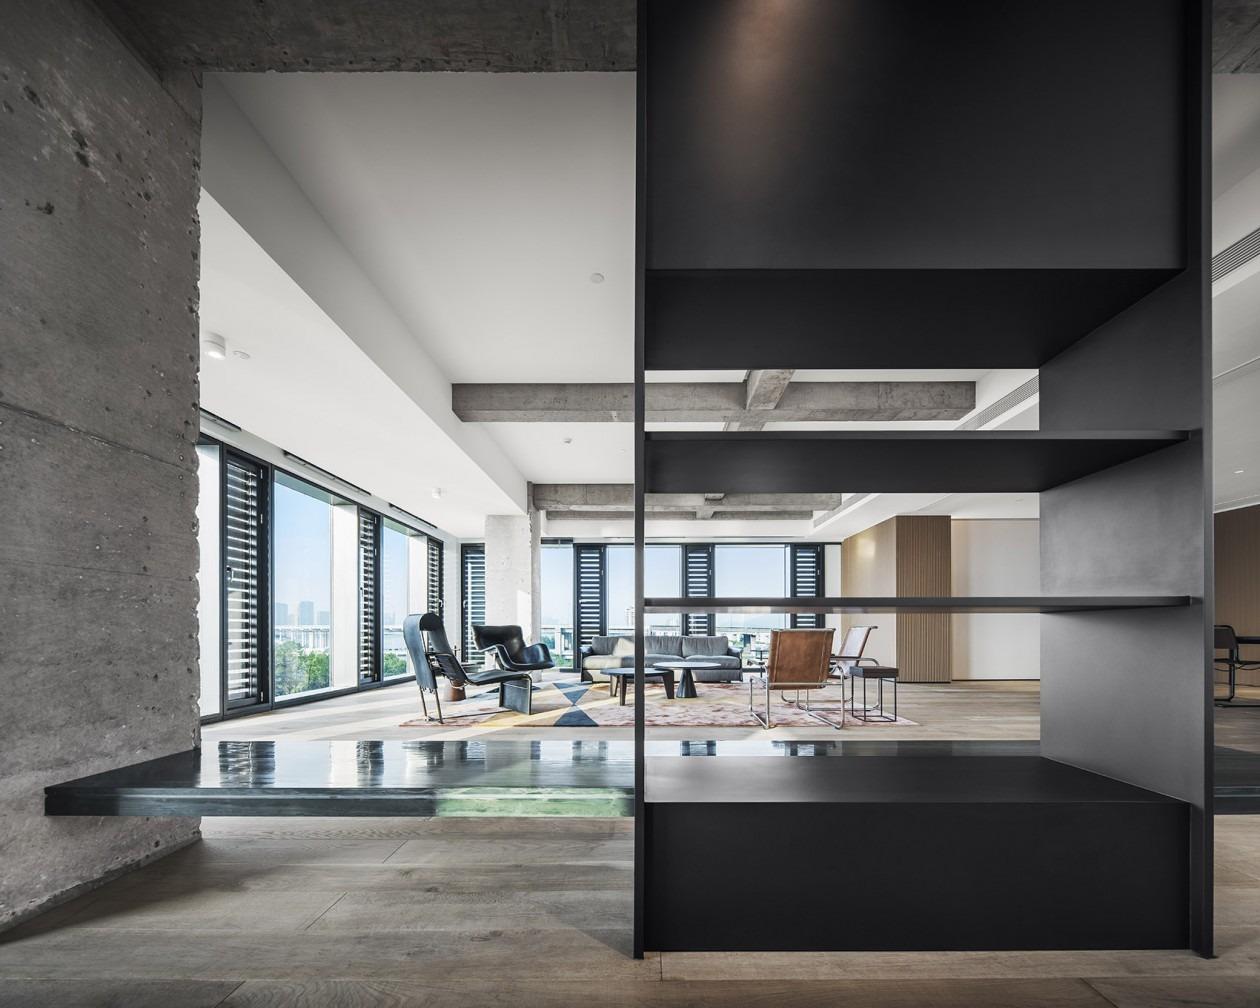 众创办公空间联合办公social空间装饰装修软装搭配效果设计